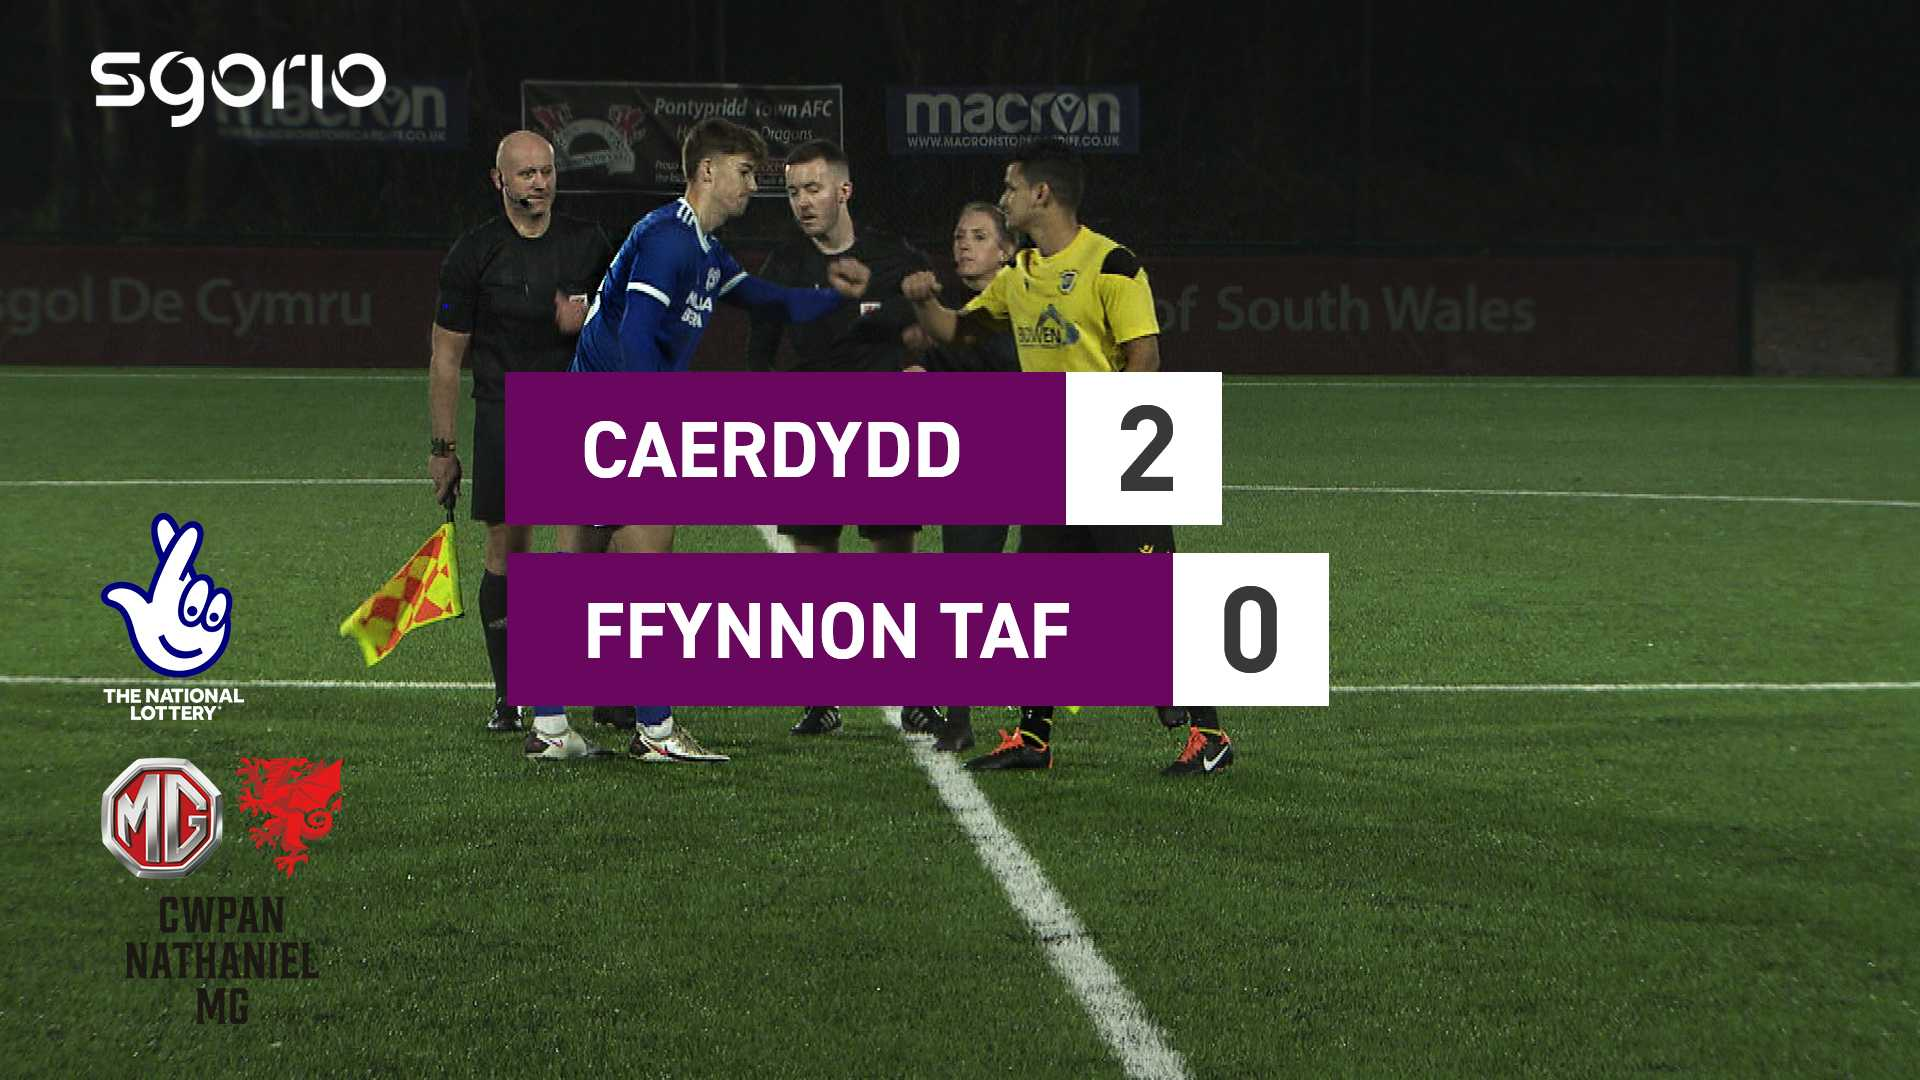 Caerdydd 2-0 Ffynnon Taf